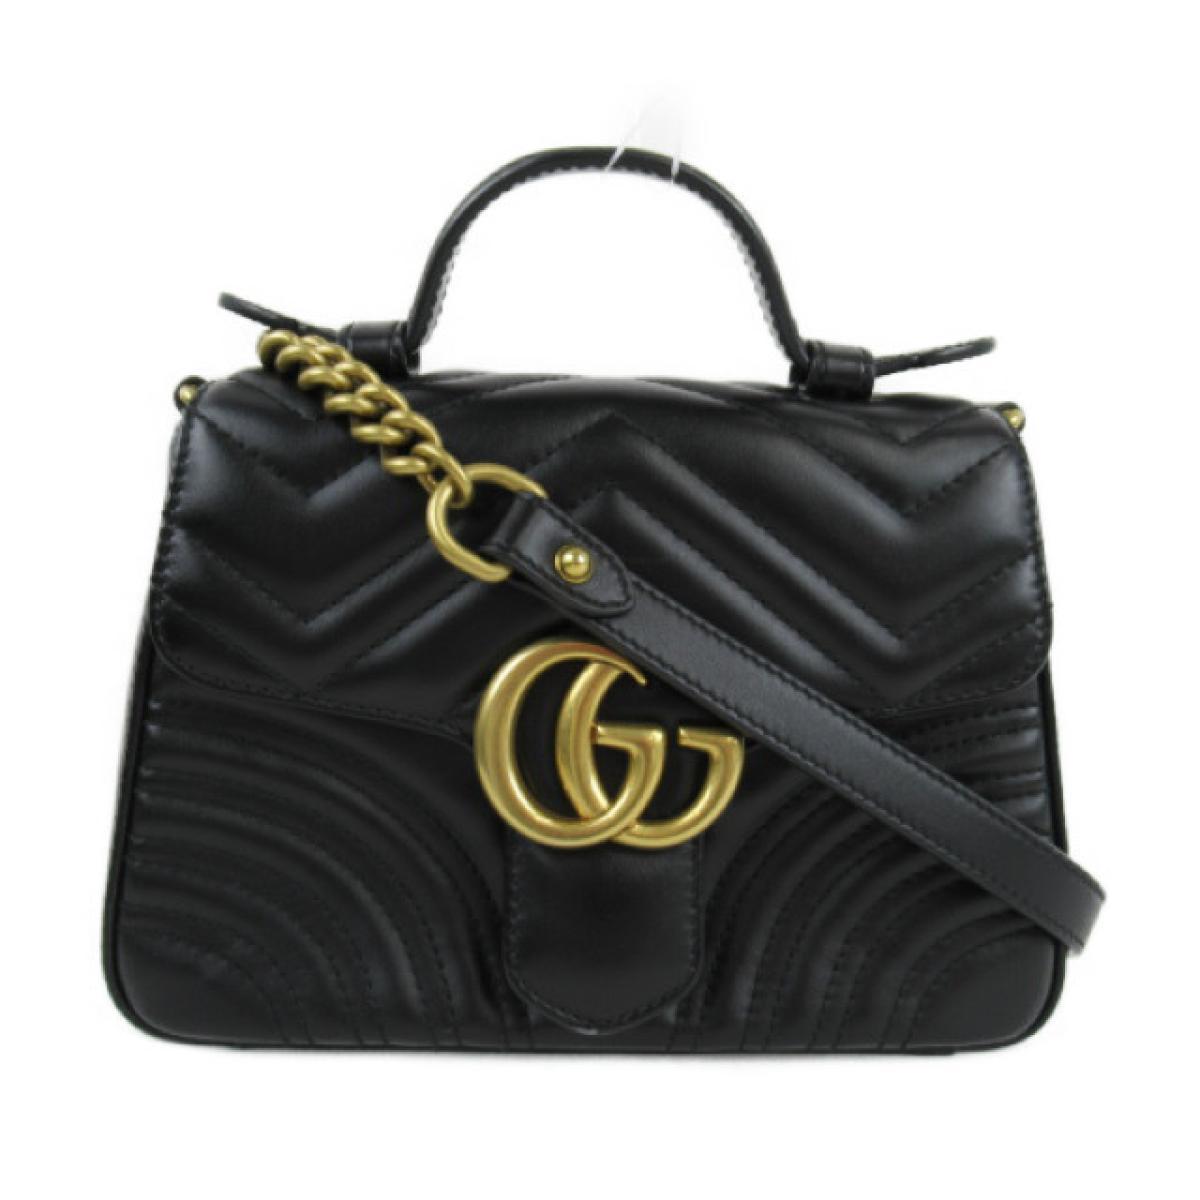 [二手货] Gucci迷你顶部链单肩包女士牛皮(小牛皮)黑色(547260)| GUCCI BRANDOFF品牌折扣品牌品牌包品牌背袋包背肩背肩肩